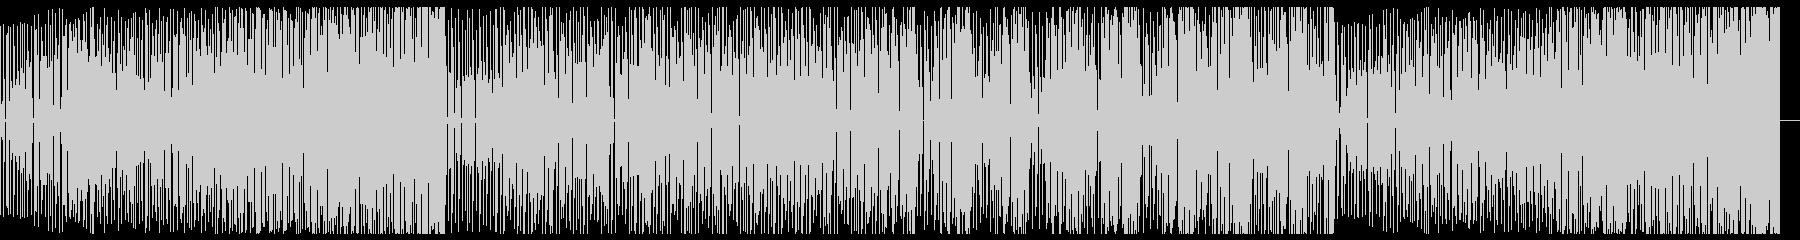 スタイリッシュなDeep Houseの未再生の波形